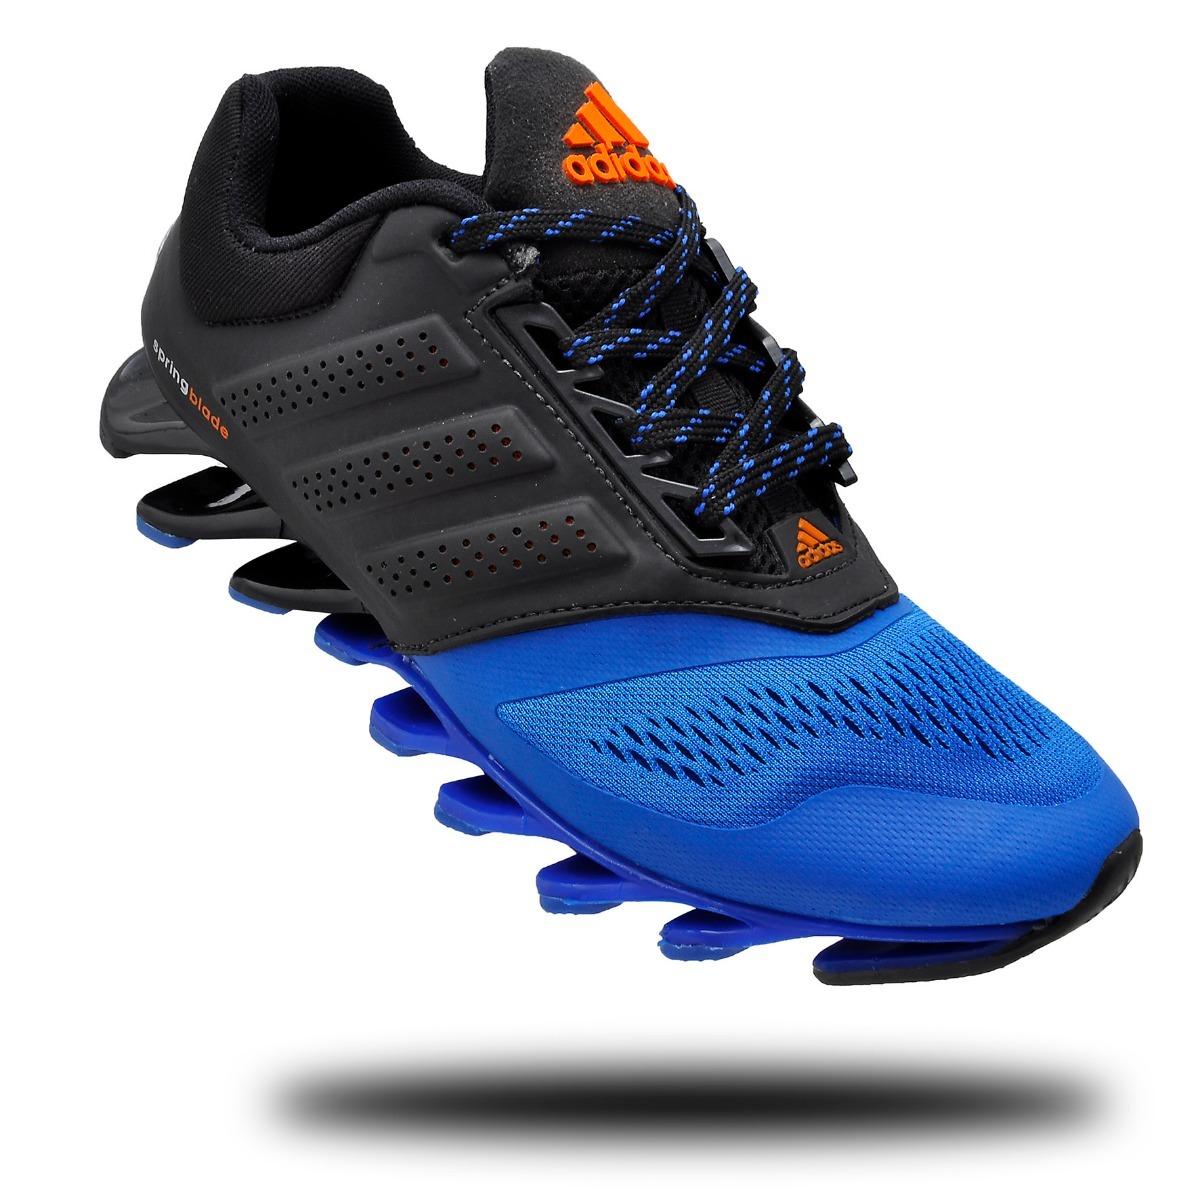 c84e703a3d33 ... italy tênis masculino adidas springblade drive 4 fim de estoque carregando  zoom. c9bb0 ab99a